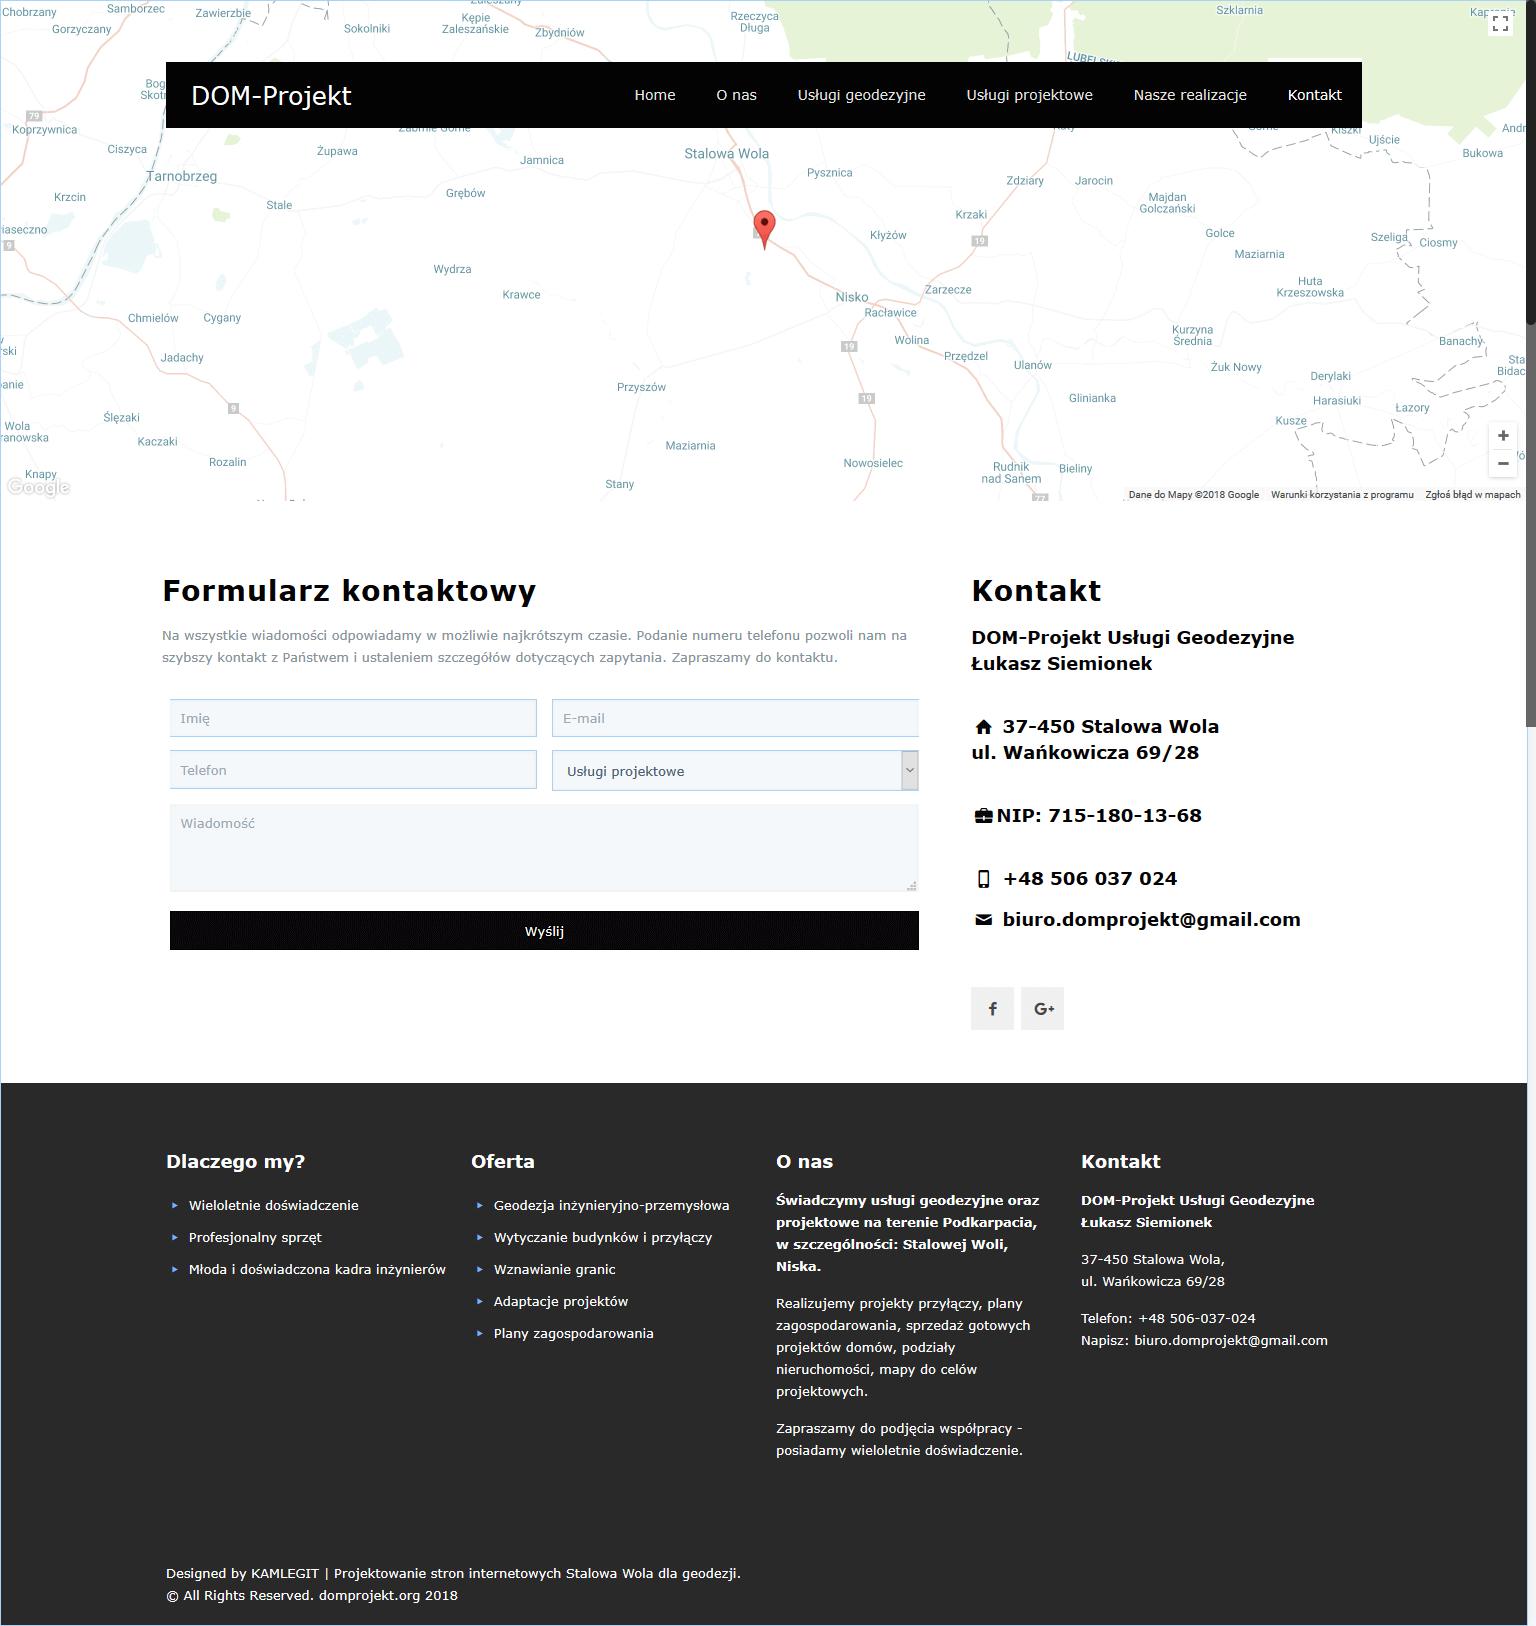 Screenshot-2018-2-5 Kontakt +48 506-037-024 DOM-Projekt usługi geodezyjne Stalowa Wola